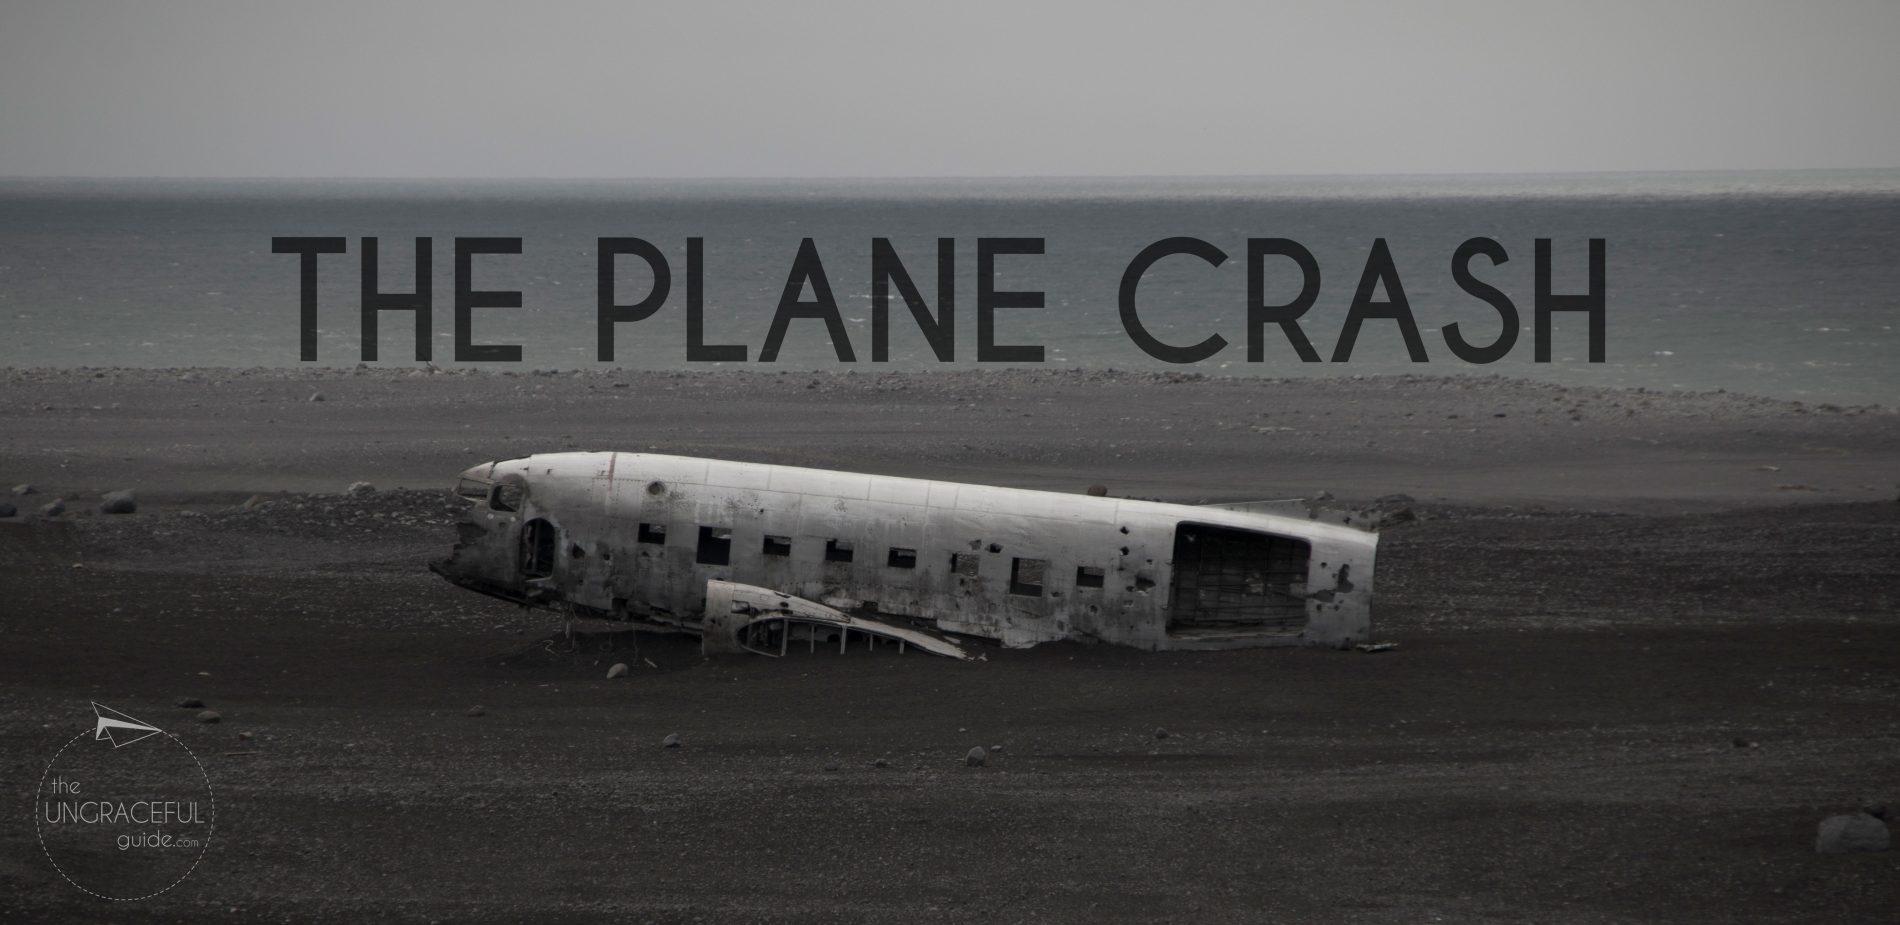 """<img src=""""data:image/gif;base64,R0lGODdhAQABAPAAAP///wAAACwAAAAAAQABAEACAkQBADs="""" data-lazy-src=""""images/"""" width=""""800"""" height=""""600"""" alt=""""iceland - plane crash header - Iceland: How to get the most on a budget"""">"""